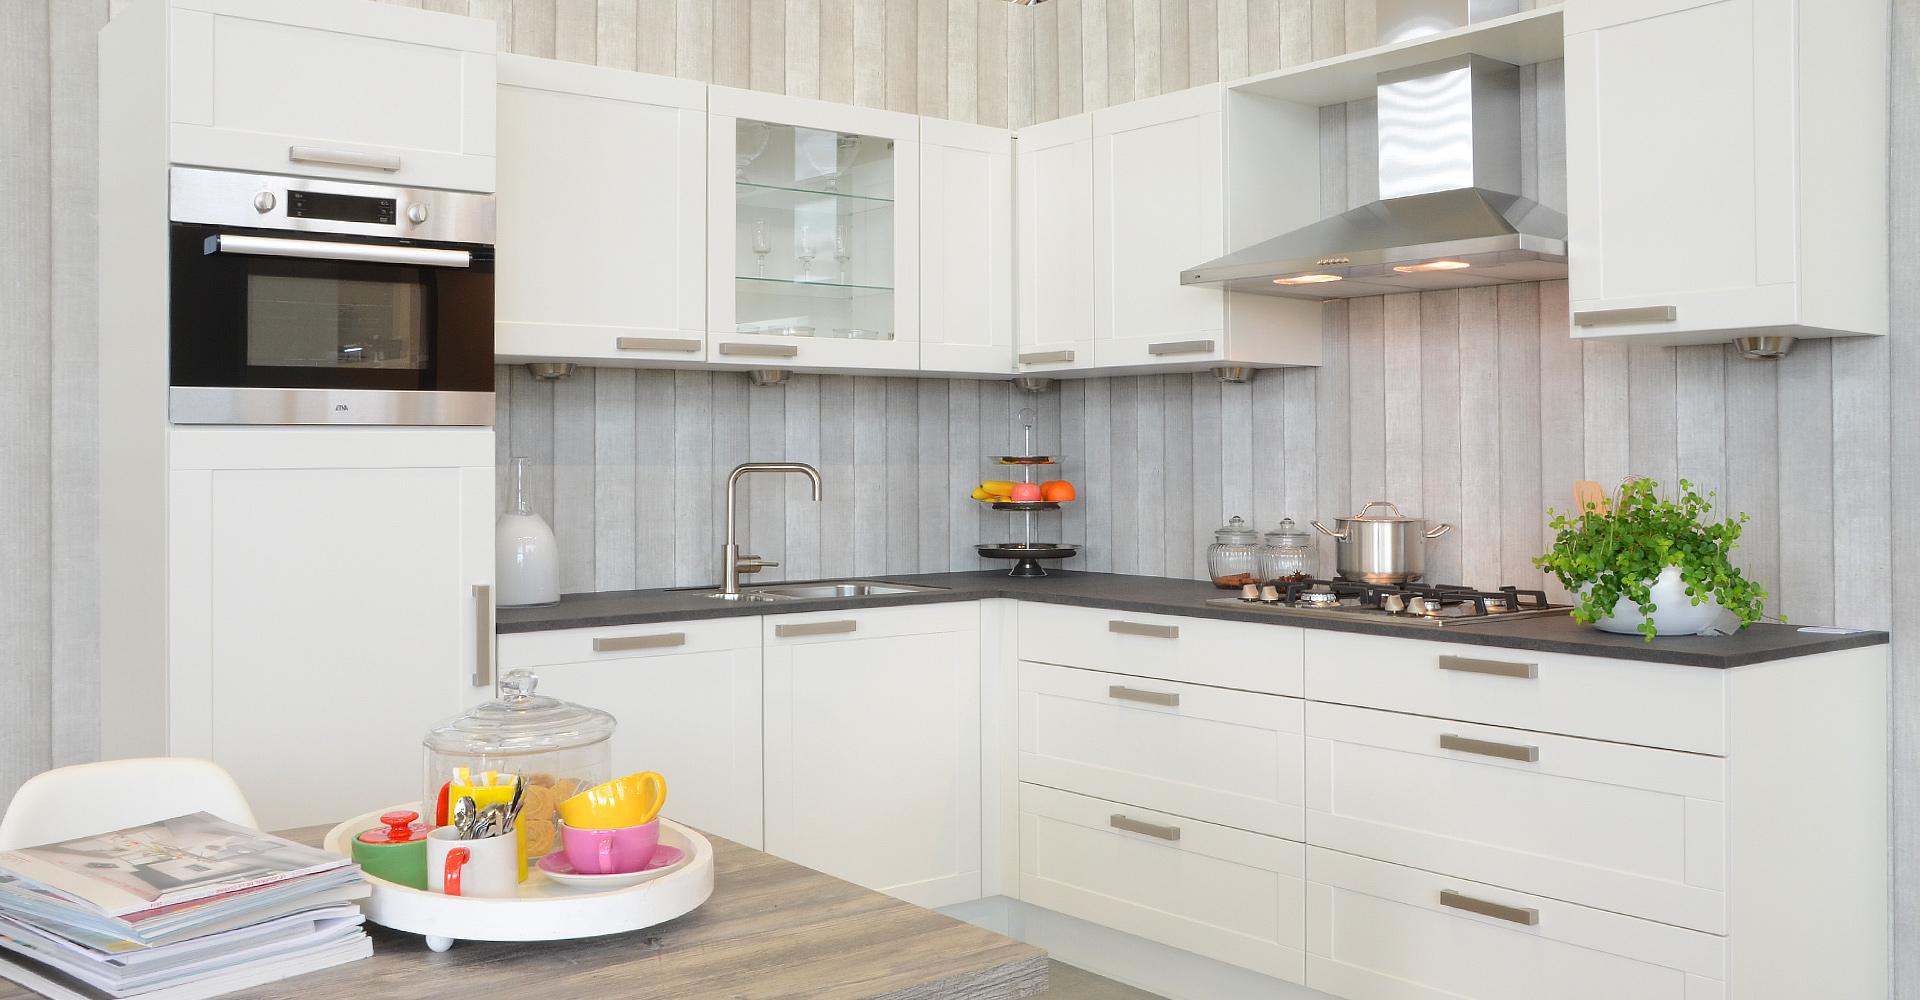 Moderne keukens inbouwapparatuur beste ideen over huis en interieur